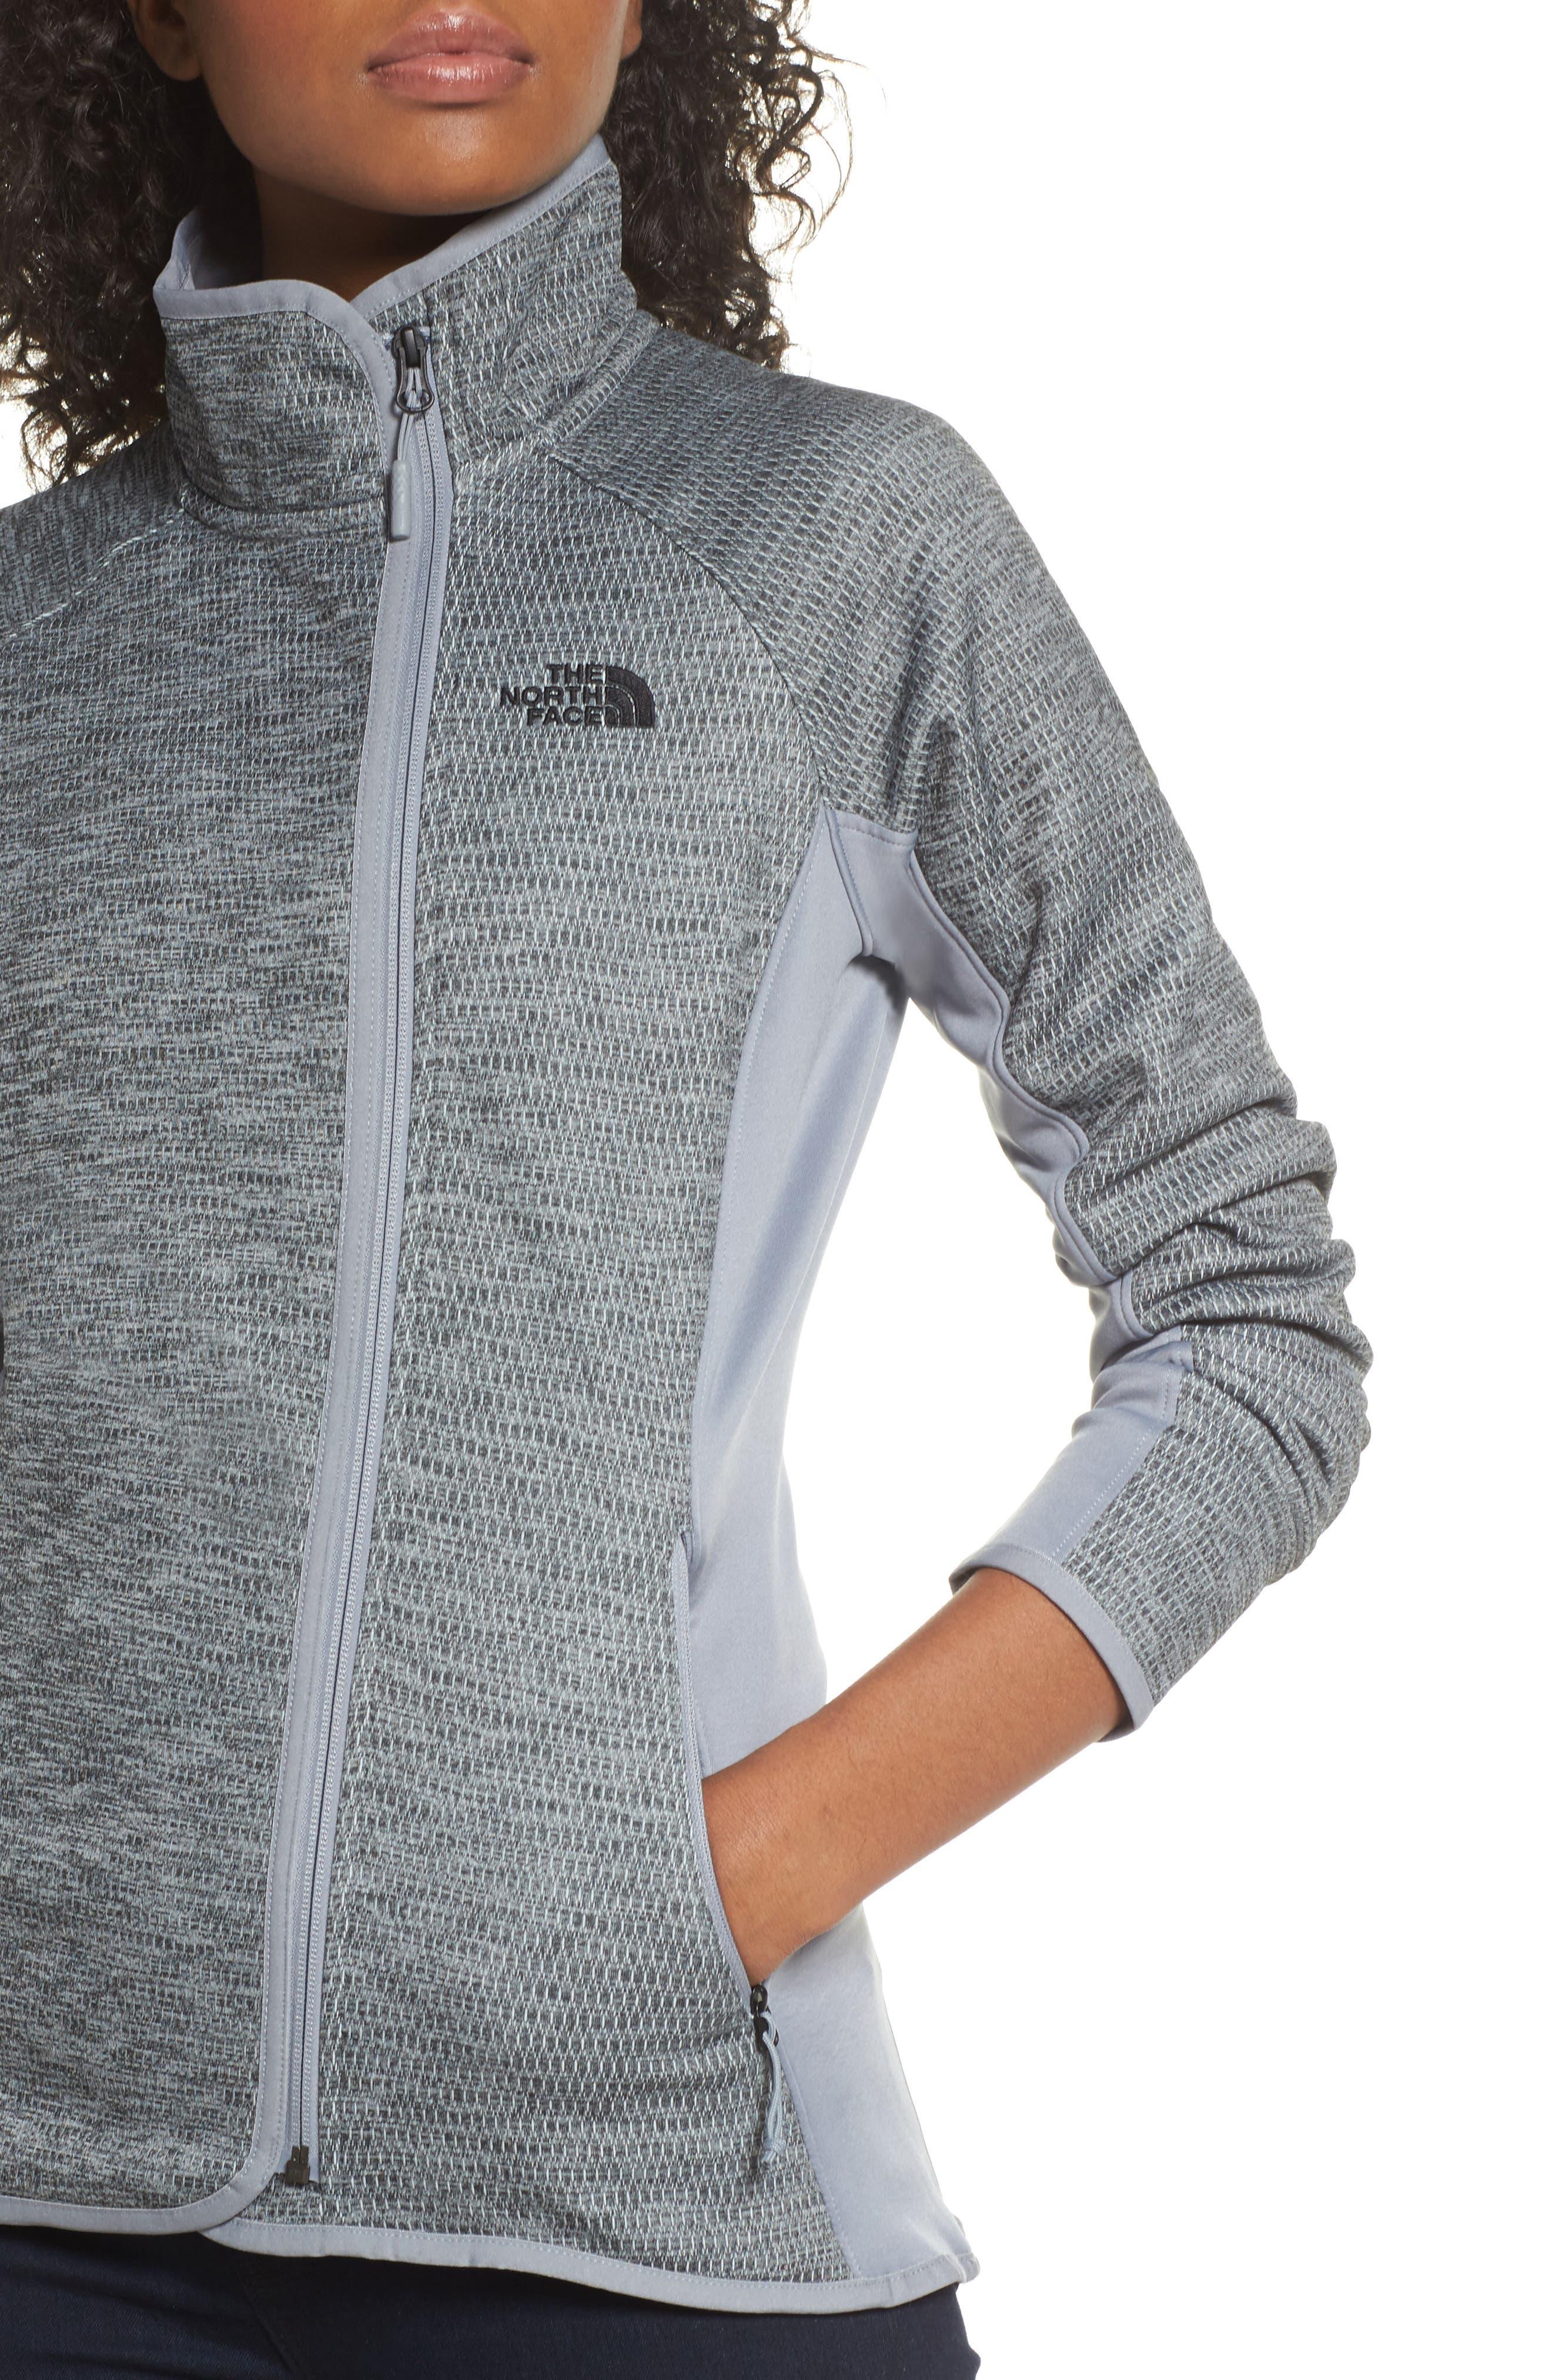 Arcata Zip Jacket,                             Alternate thumbnail 4, color,                             Tnf Mid Grey Heather/ Black